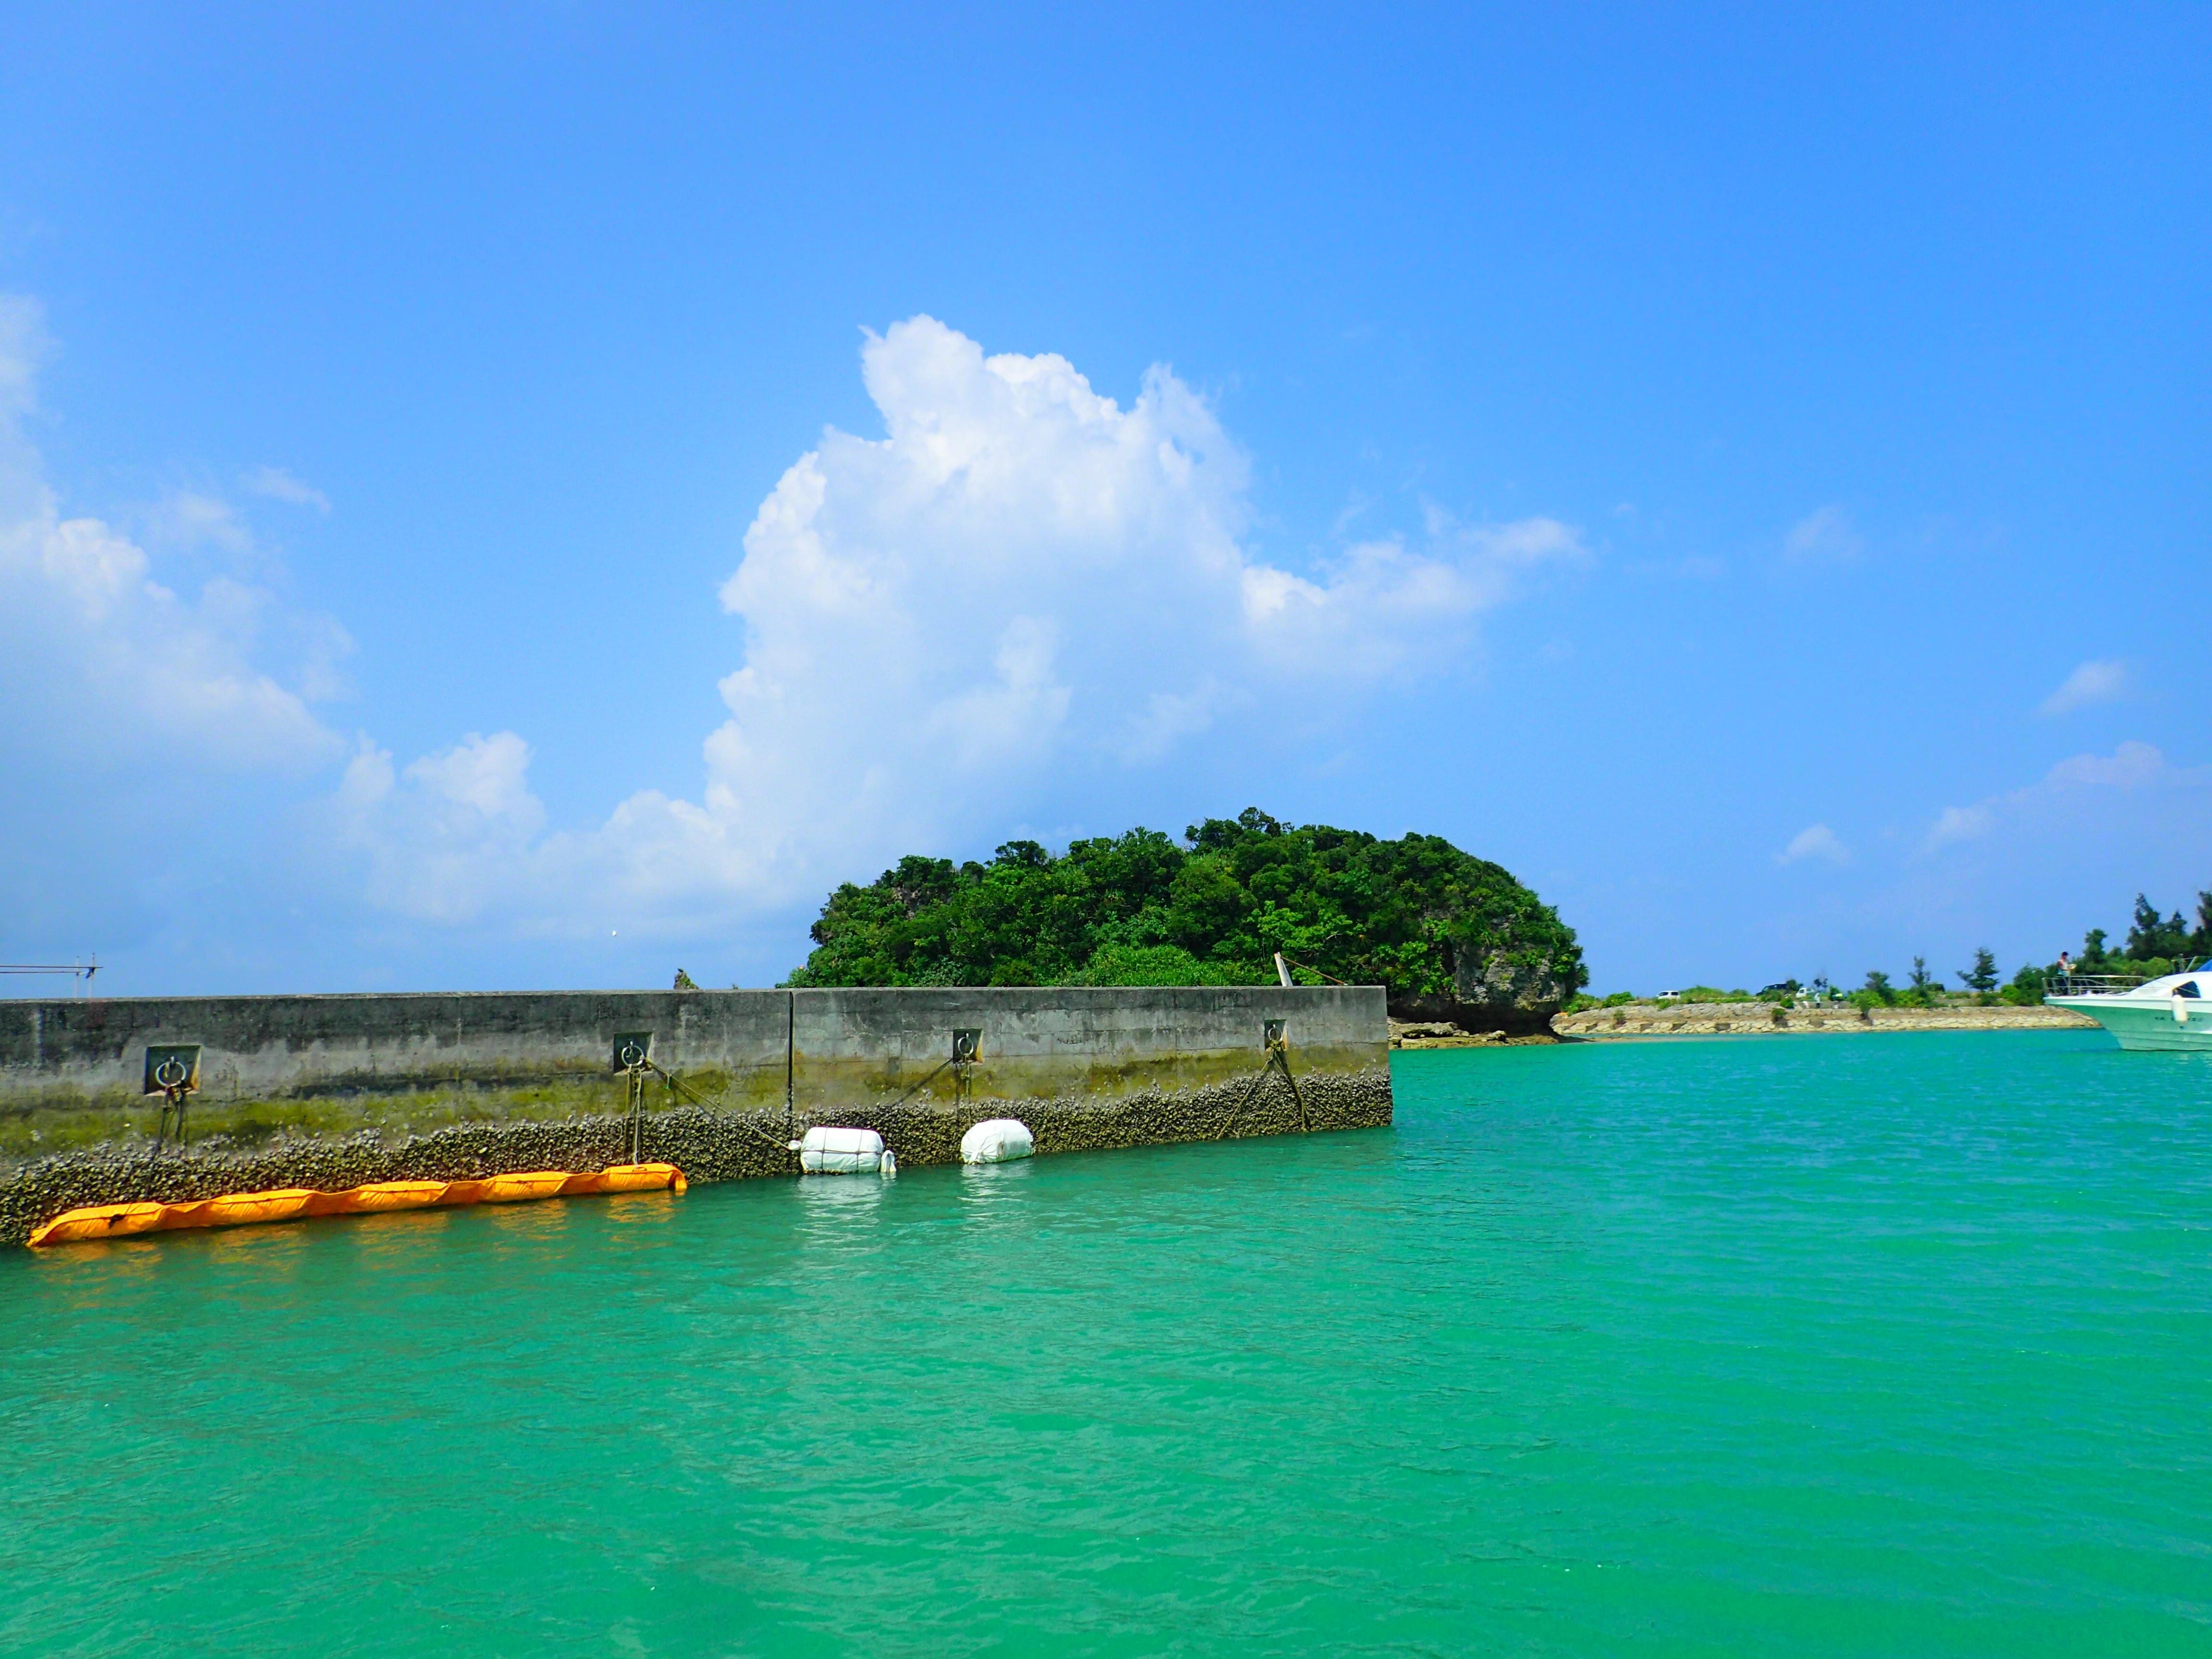 沖繩信息046 海上皮划艇是?沖繩的海上皮划艇·皮划艇之旅是